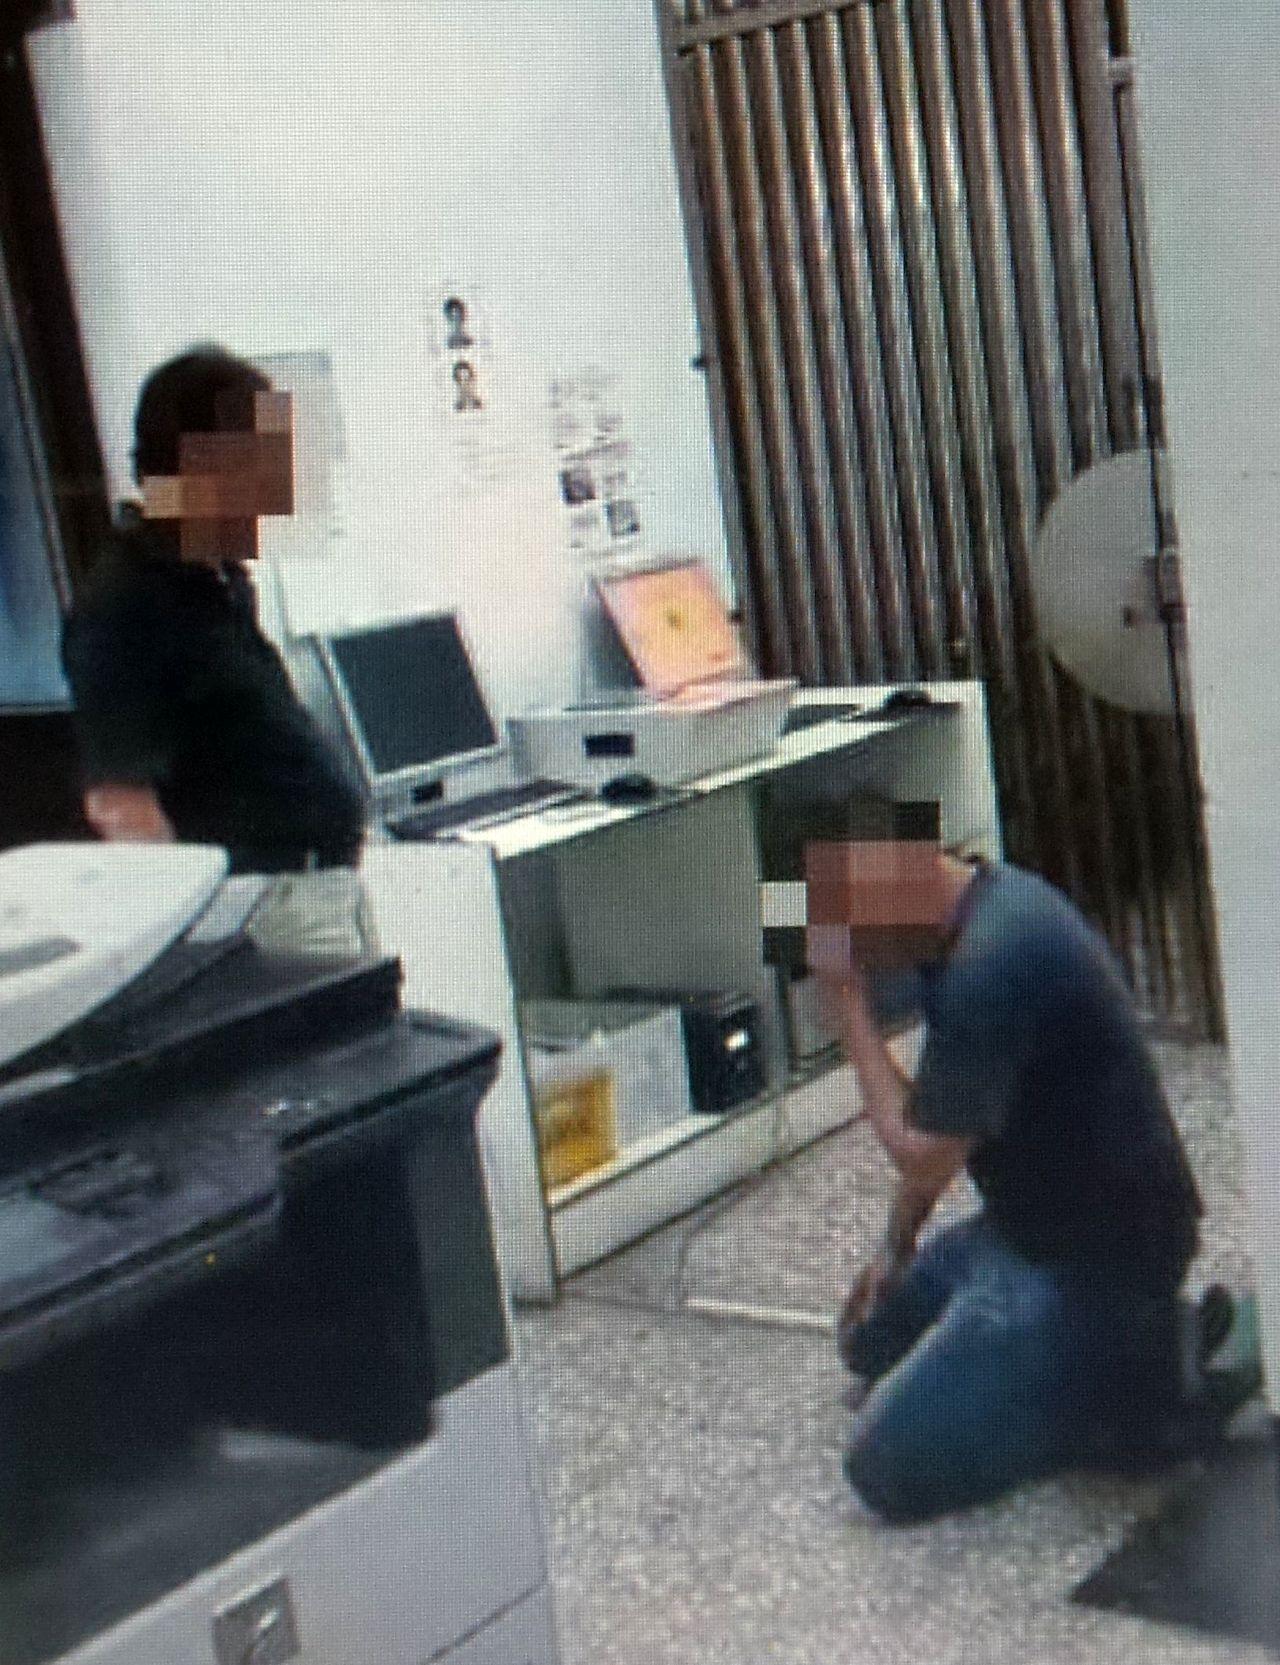 康姓男子(右)涉毒被捕,受父親責備後哭泣拭淚。記者林保光/翻攝